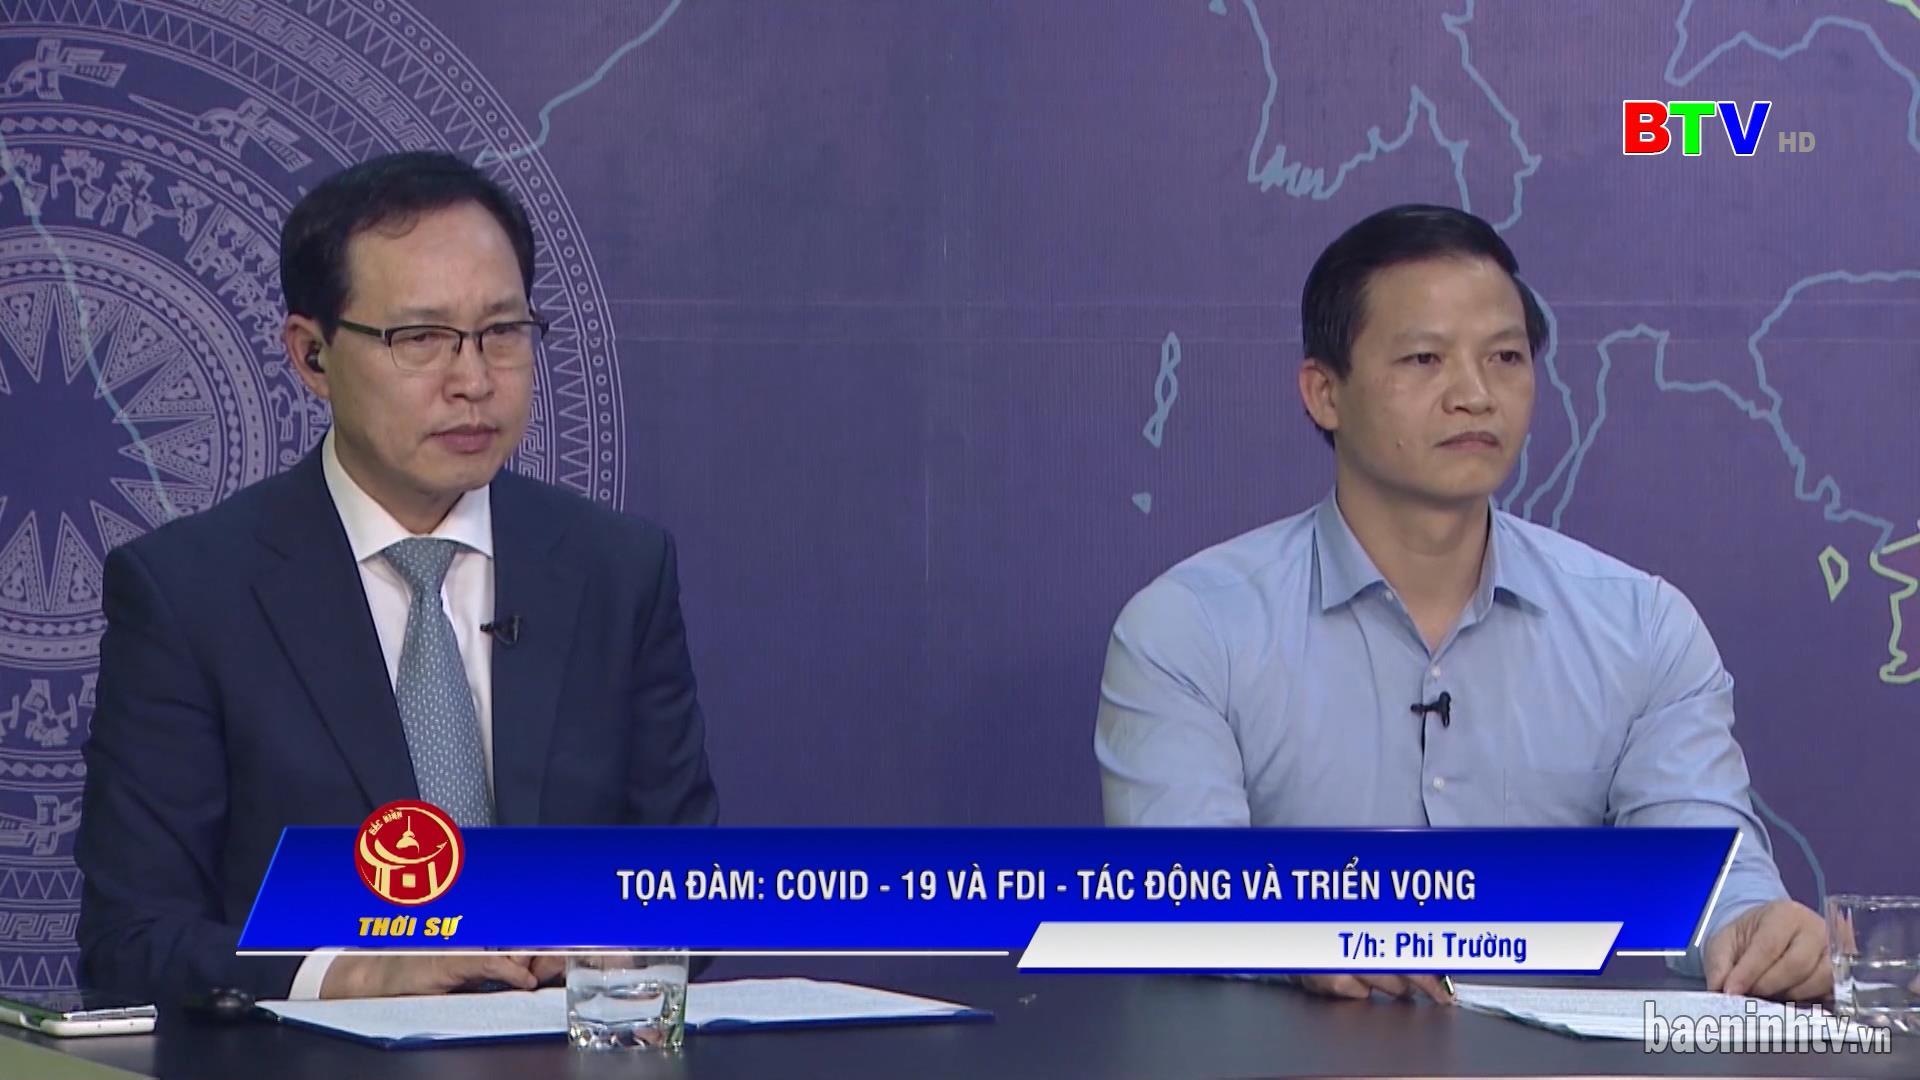 Tọa đàm: Covid - 19 và FDI - Tác động và triển vọng